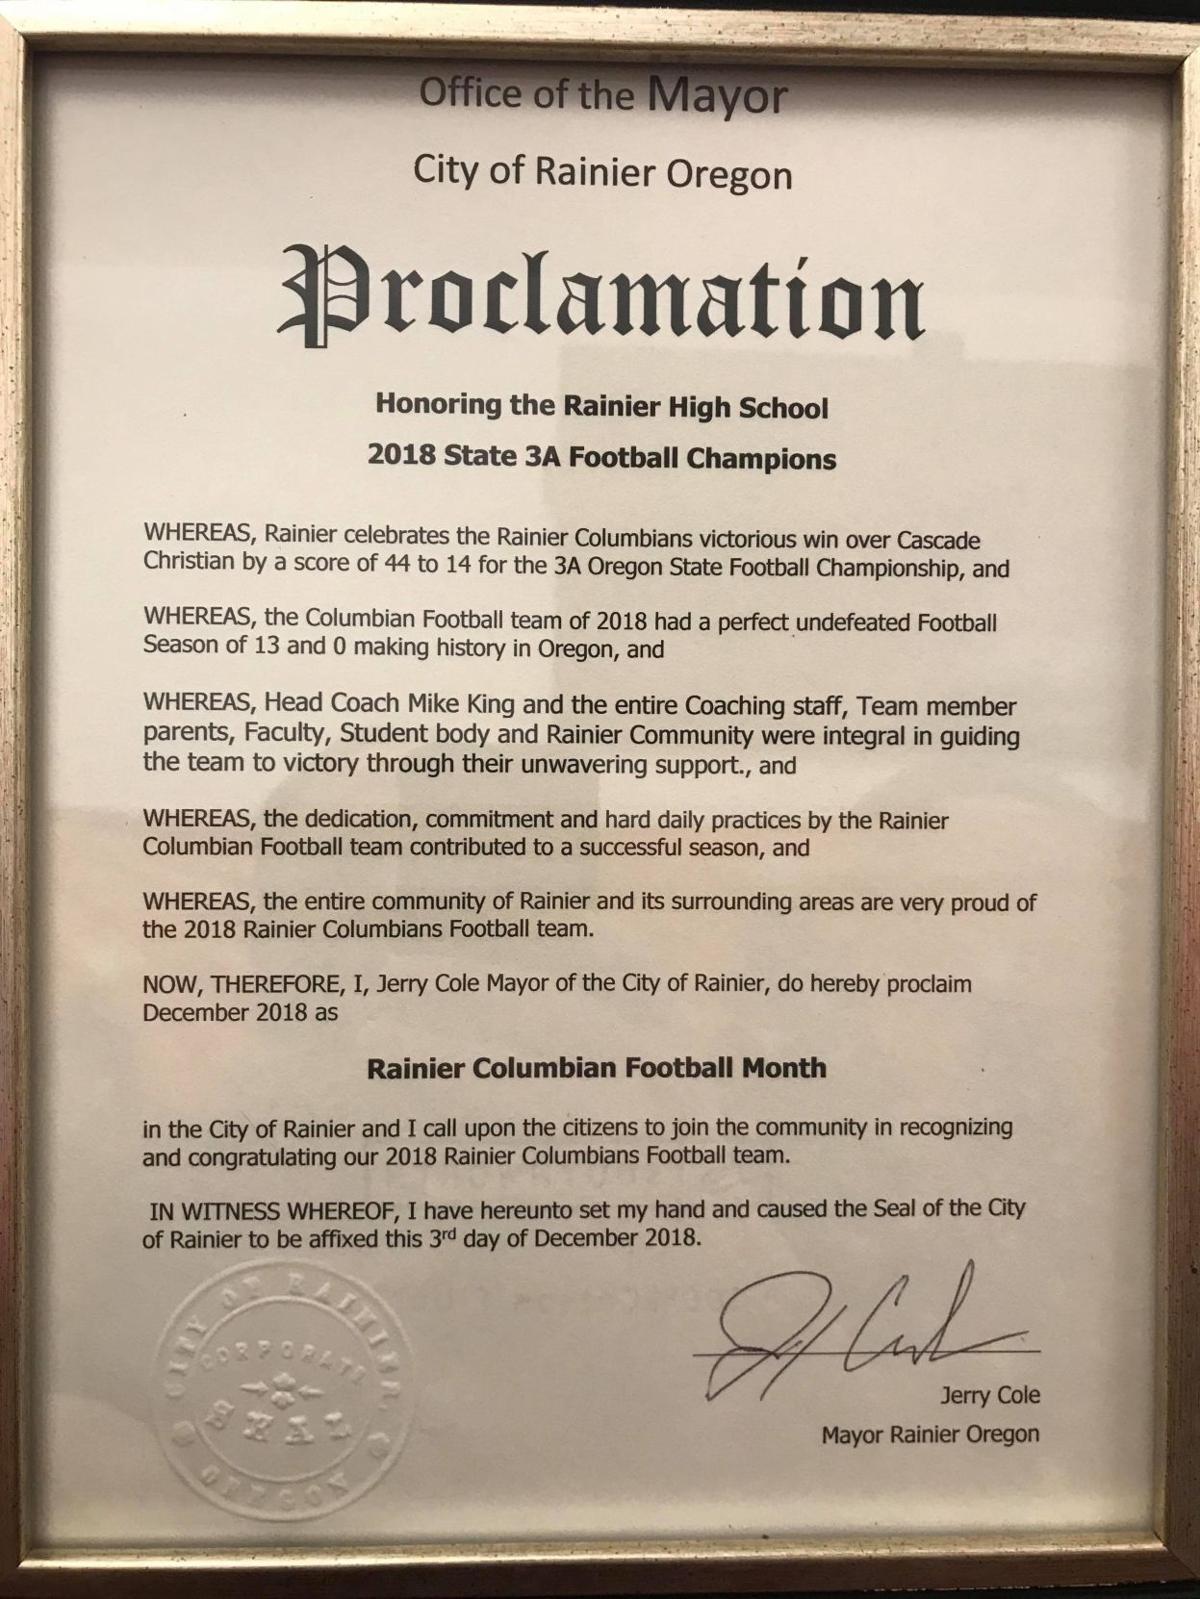 Rainier proclamation for Columbians Football